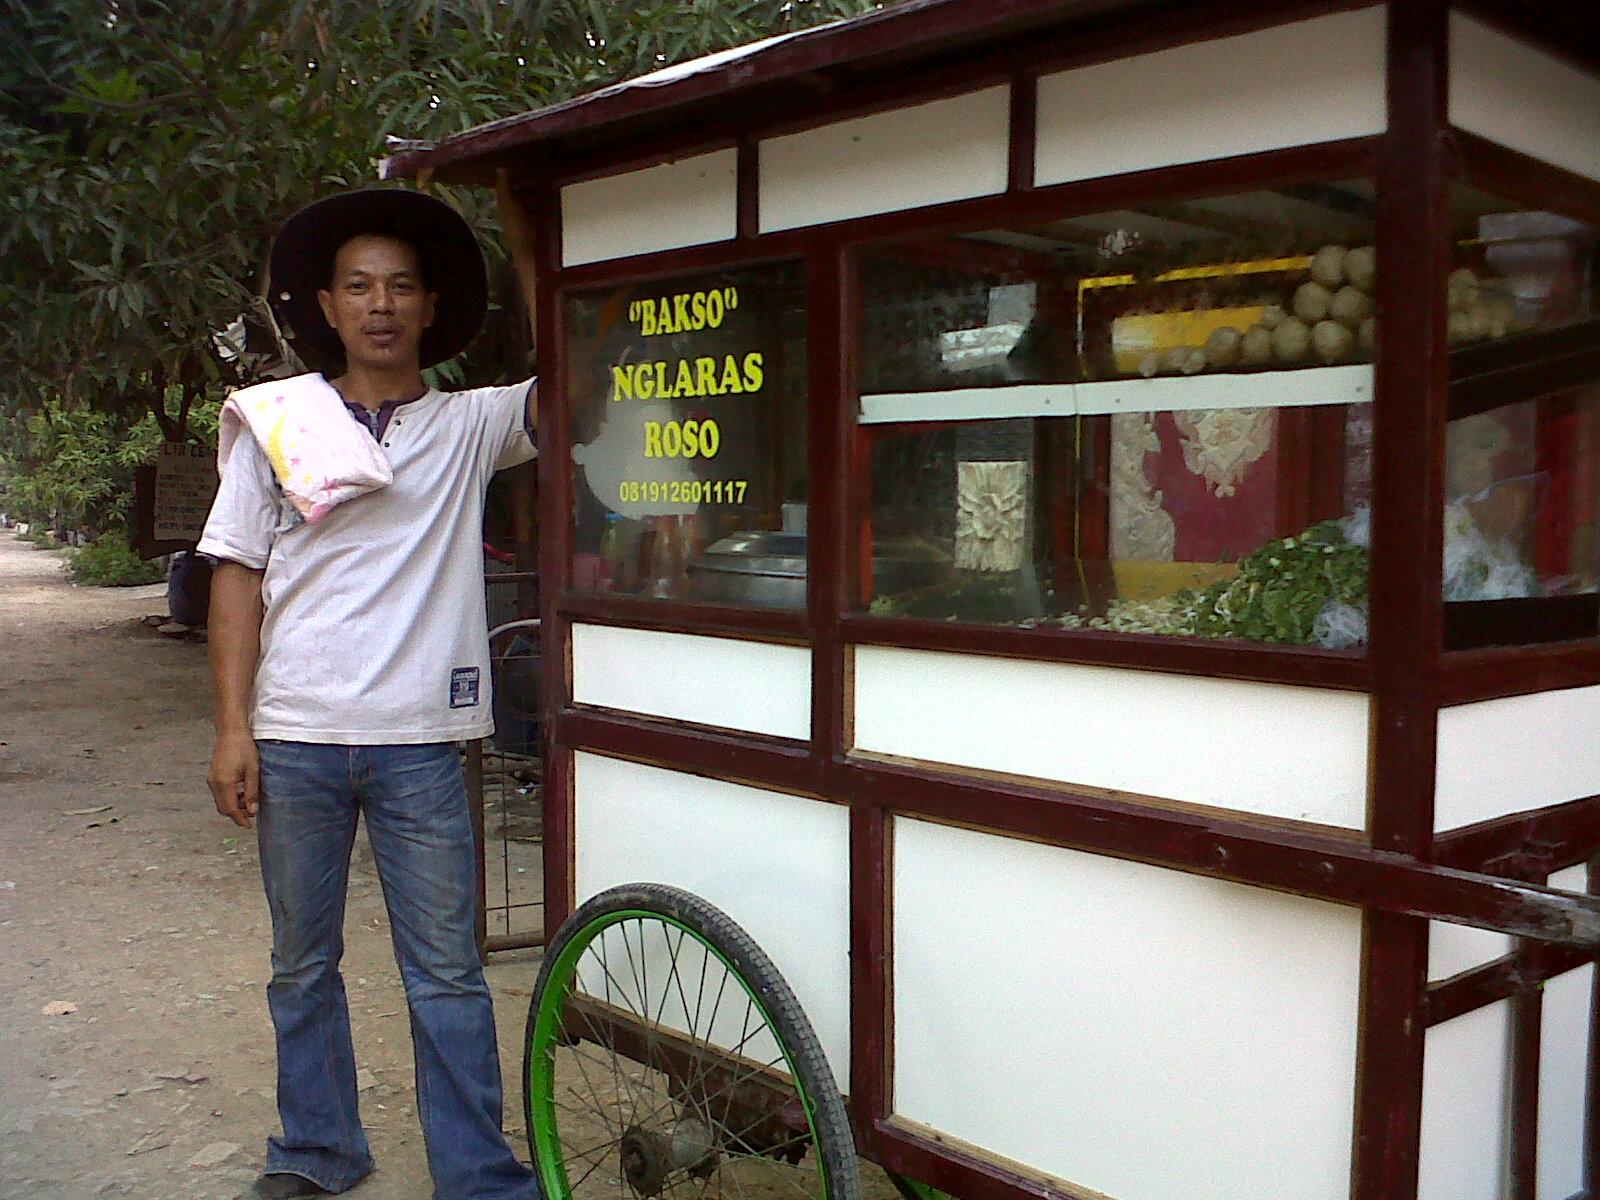 Disaat Penjual Jajanan Datang | http://2.bp.blogspot.com